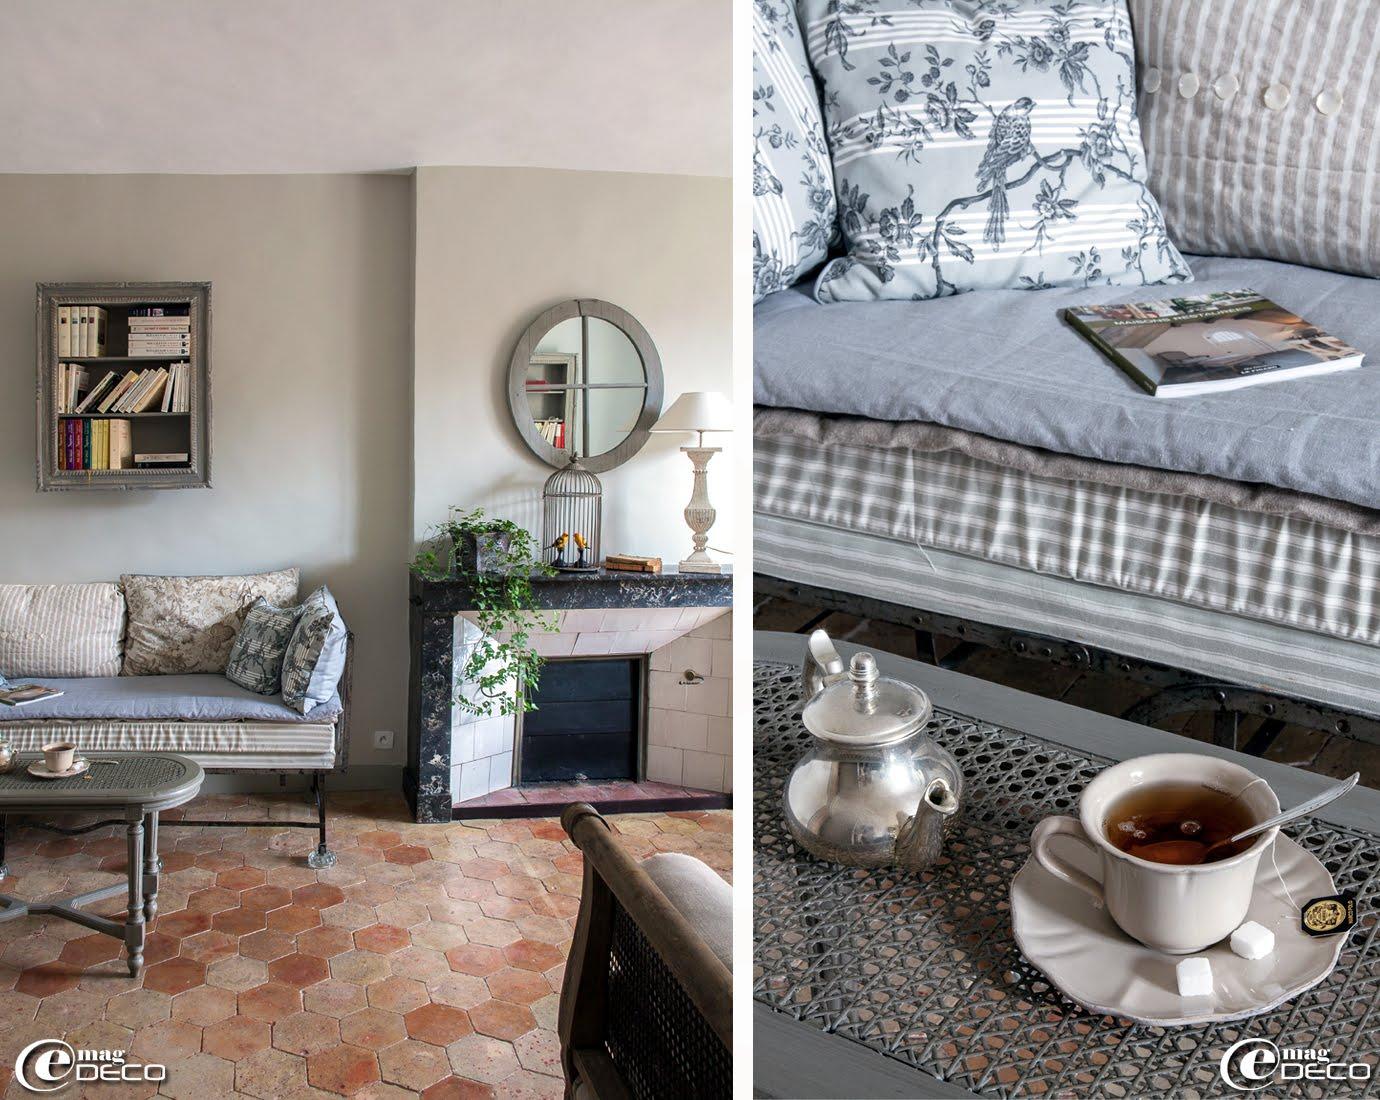 Dans une suite de la maison d'hôtes 'Hôtel de Suhard', un lit ancien transformé en banquette, coussins 'Robin du Lac', étagère-cadre 'Gabrielle Feuillard' à Bellême